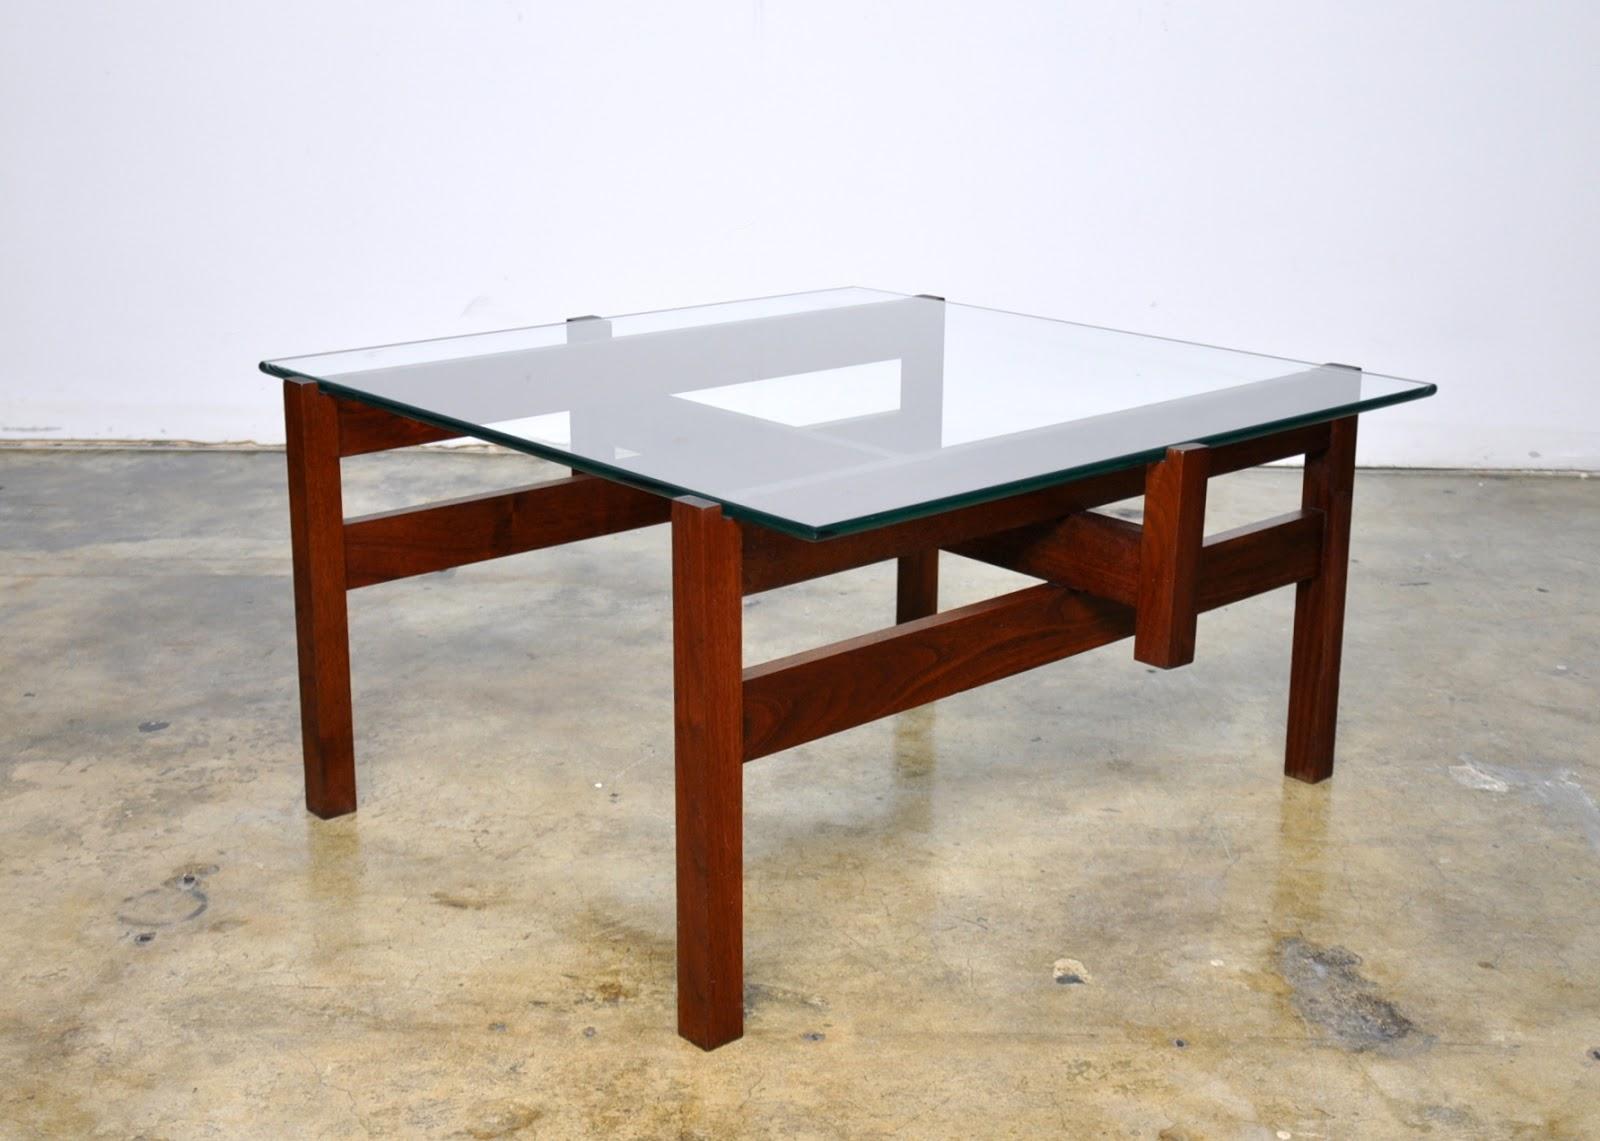 Henning Norgaard Komfort Style Teak U0026 Glass Coffee, Side Or End Table